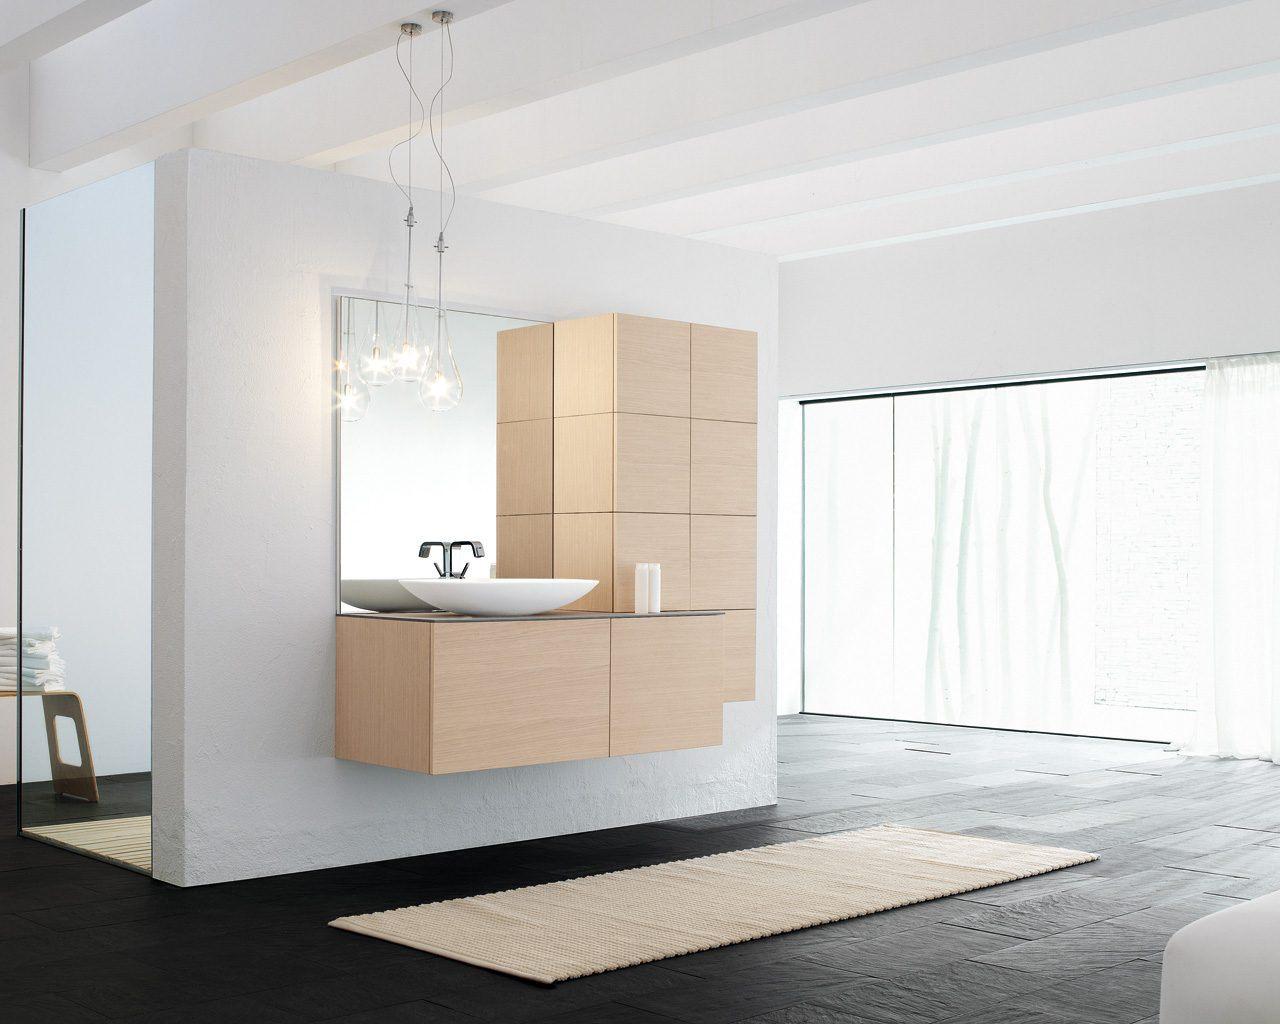 Casas de banho minimalistas - Cuartos de bano minimalistas ...